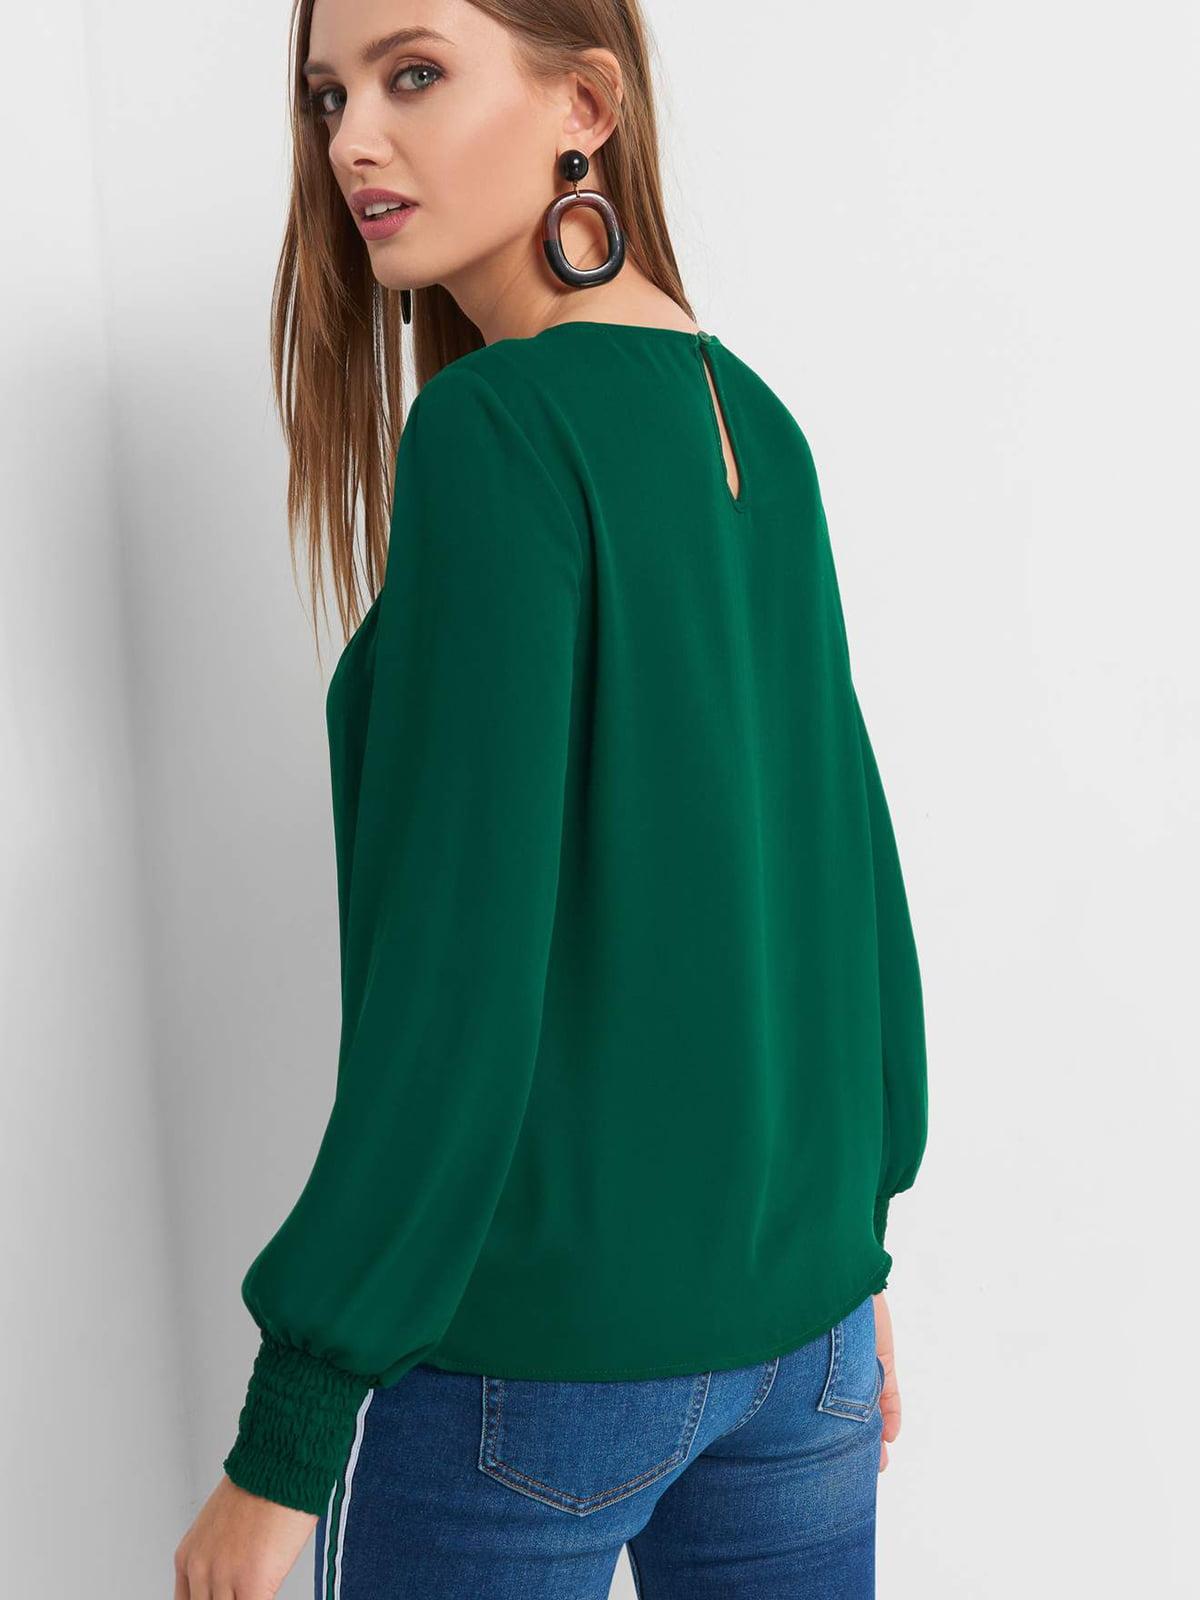 Блуза зеленая   4870984   фото 2